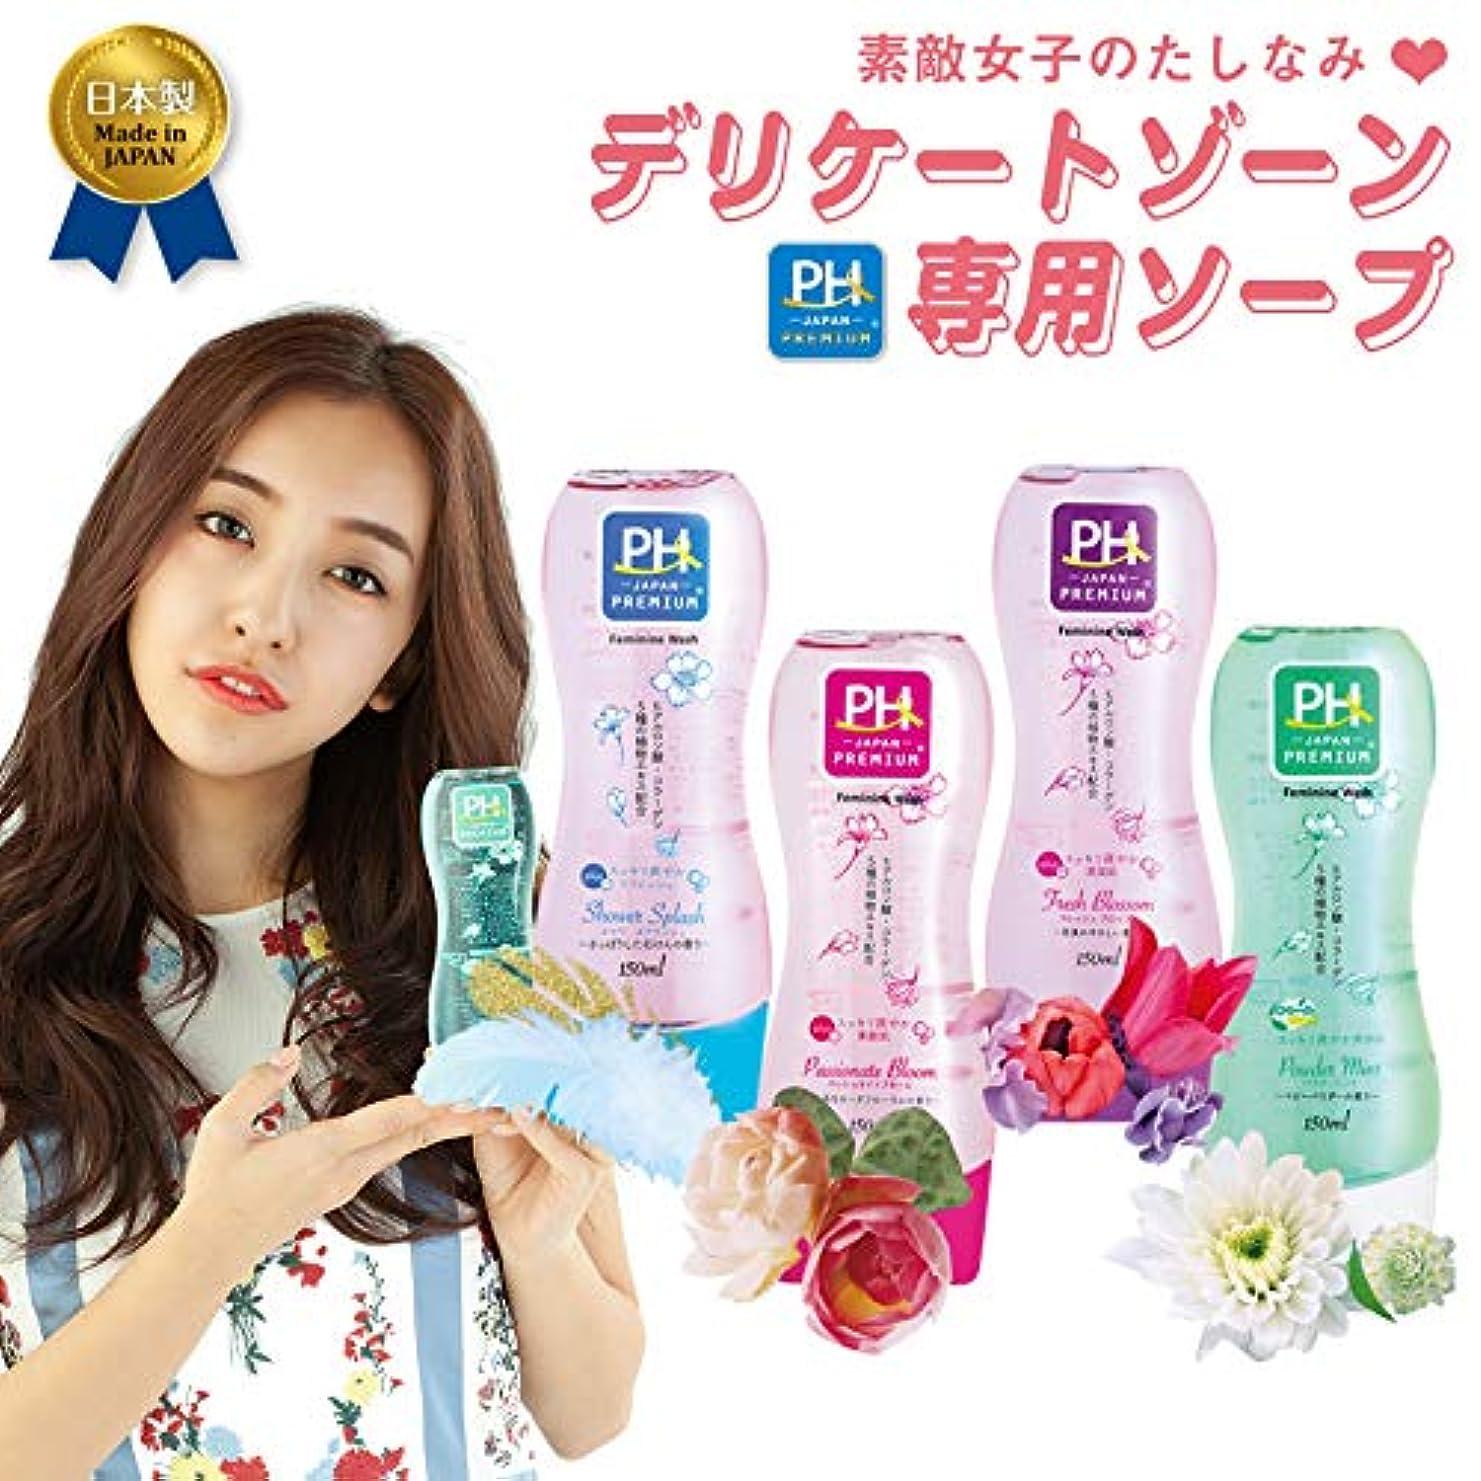 十分なストレンジャーテストフレッシュブロッソム2本セット PH JAPAN フェミニンウォッシュ 花束のやさしい香り